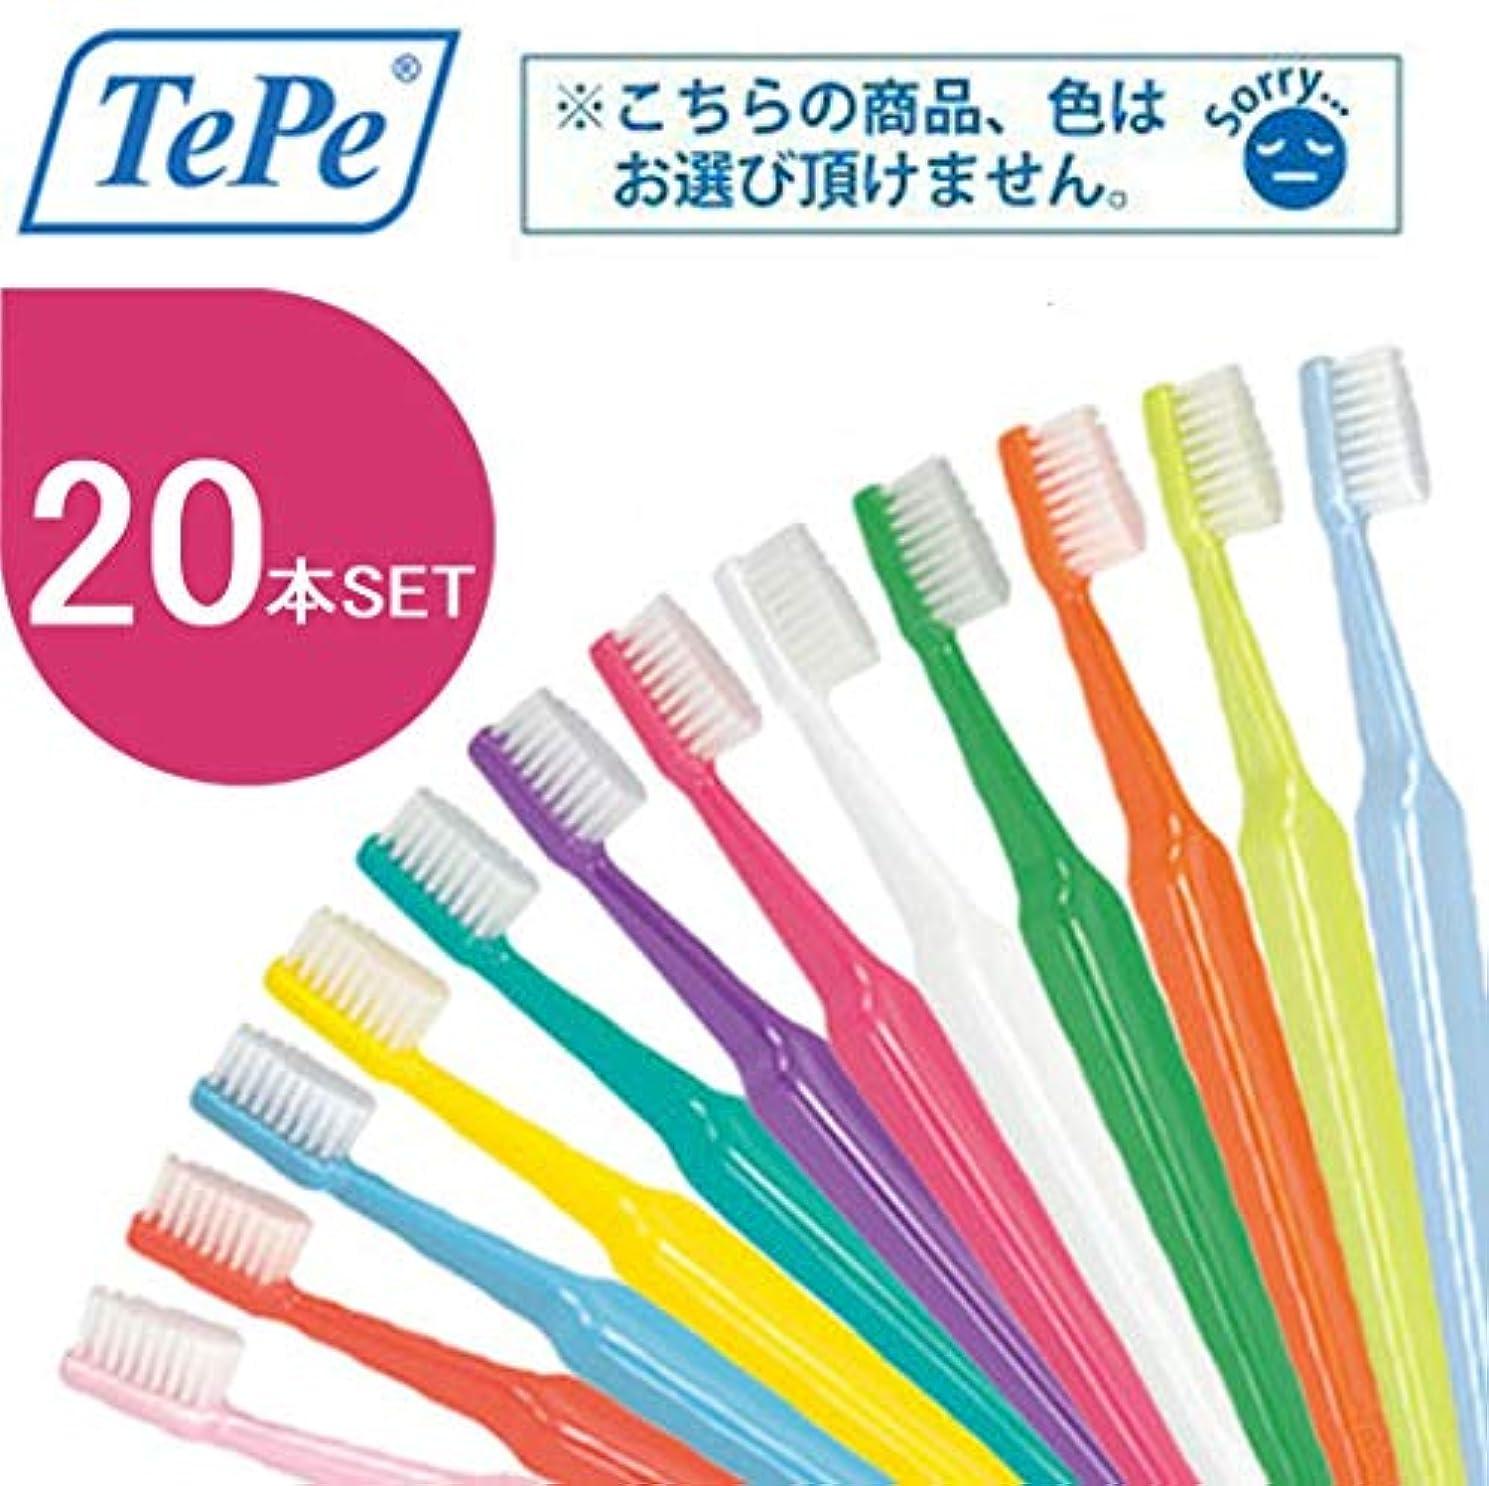 汚物宿題エンドテーブルクロスフィールド TePe テペ セレクト 歯ブラシ 20本 (ミディアム)